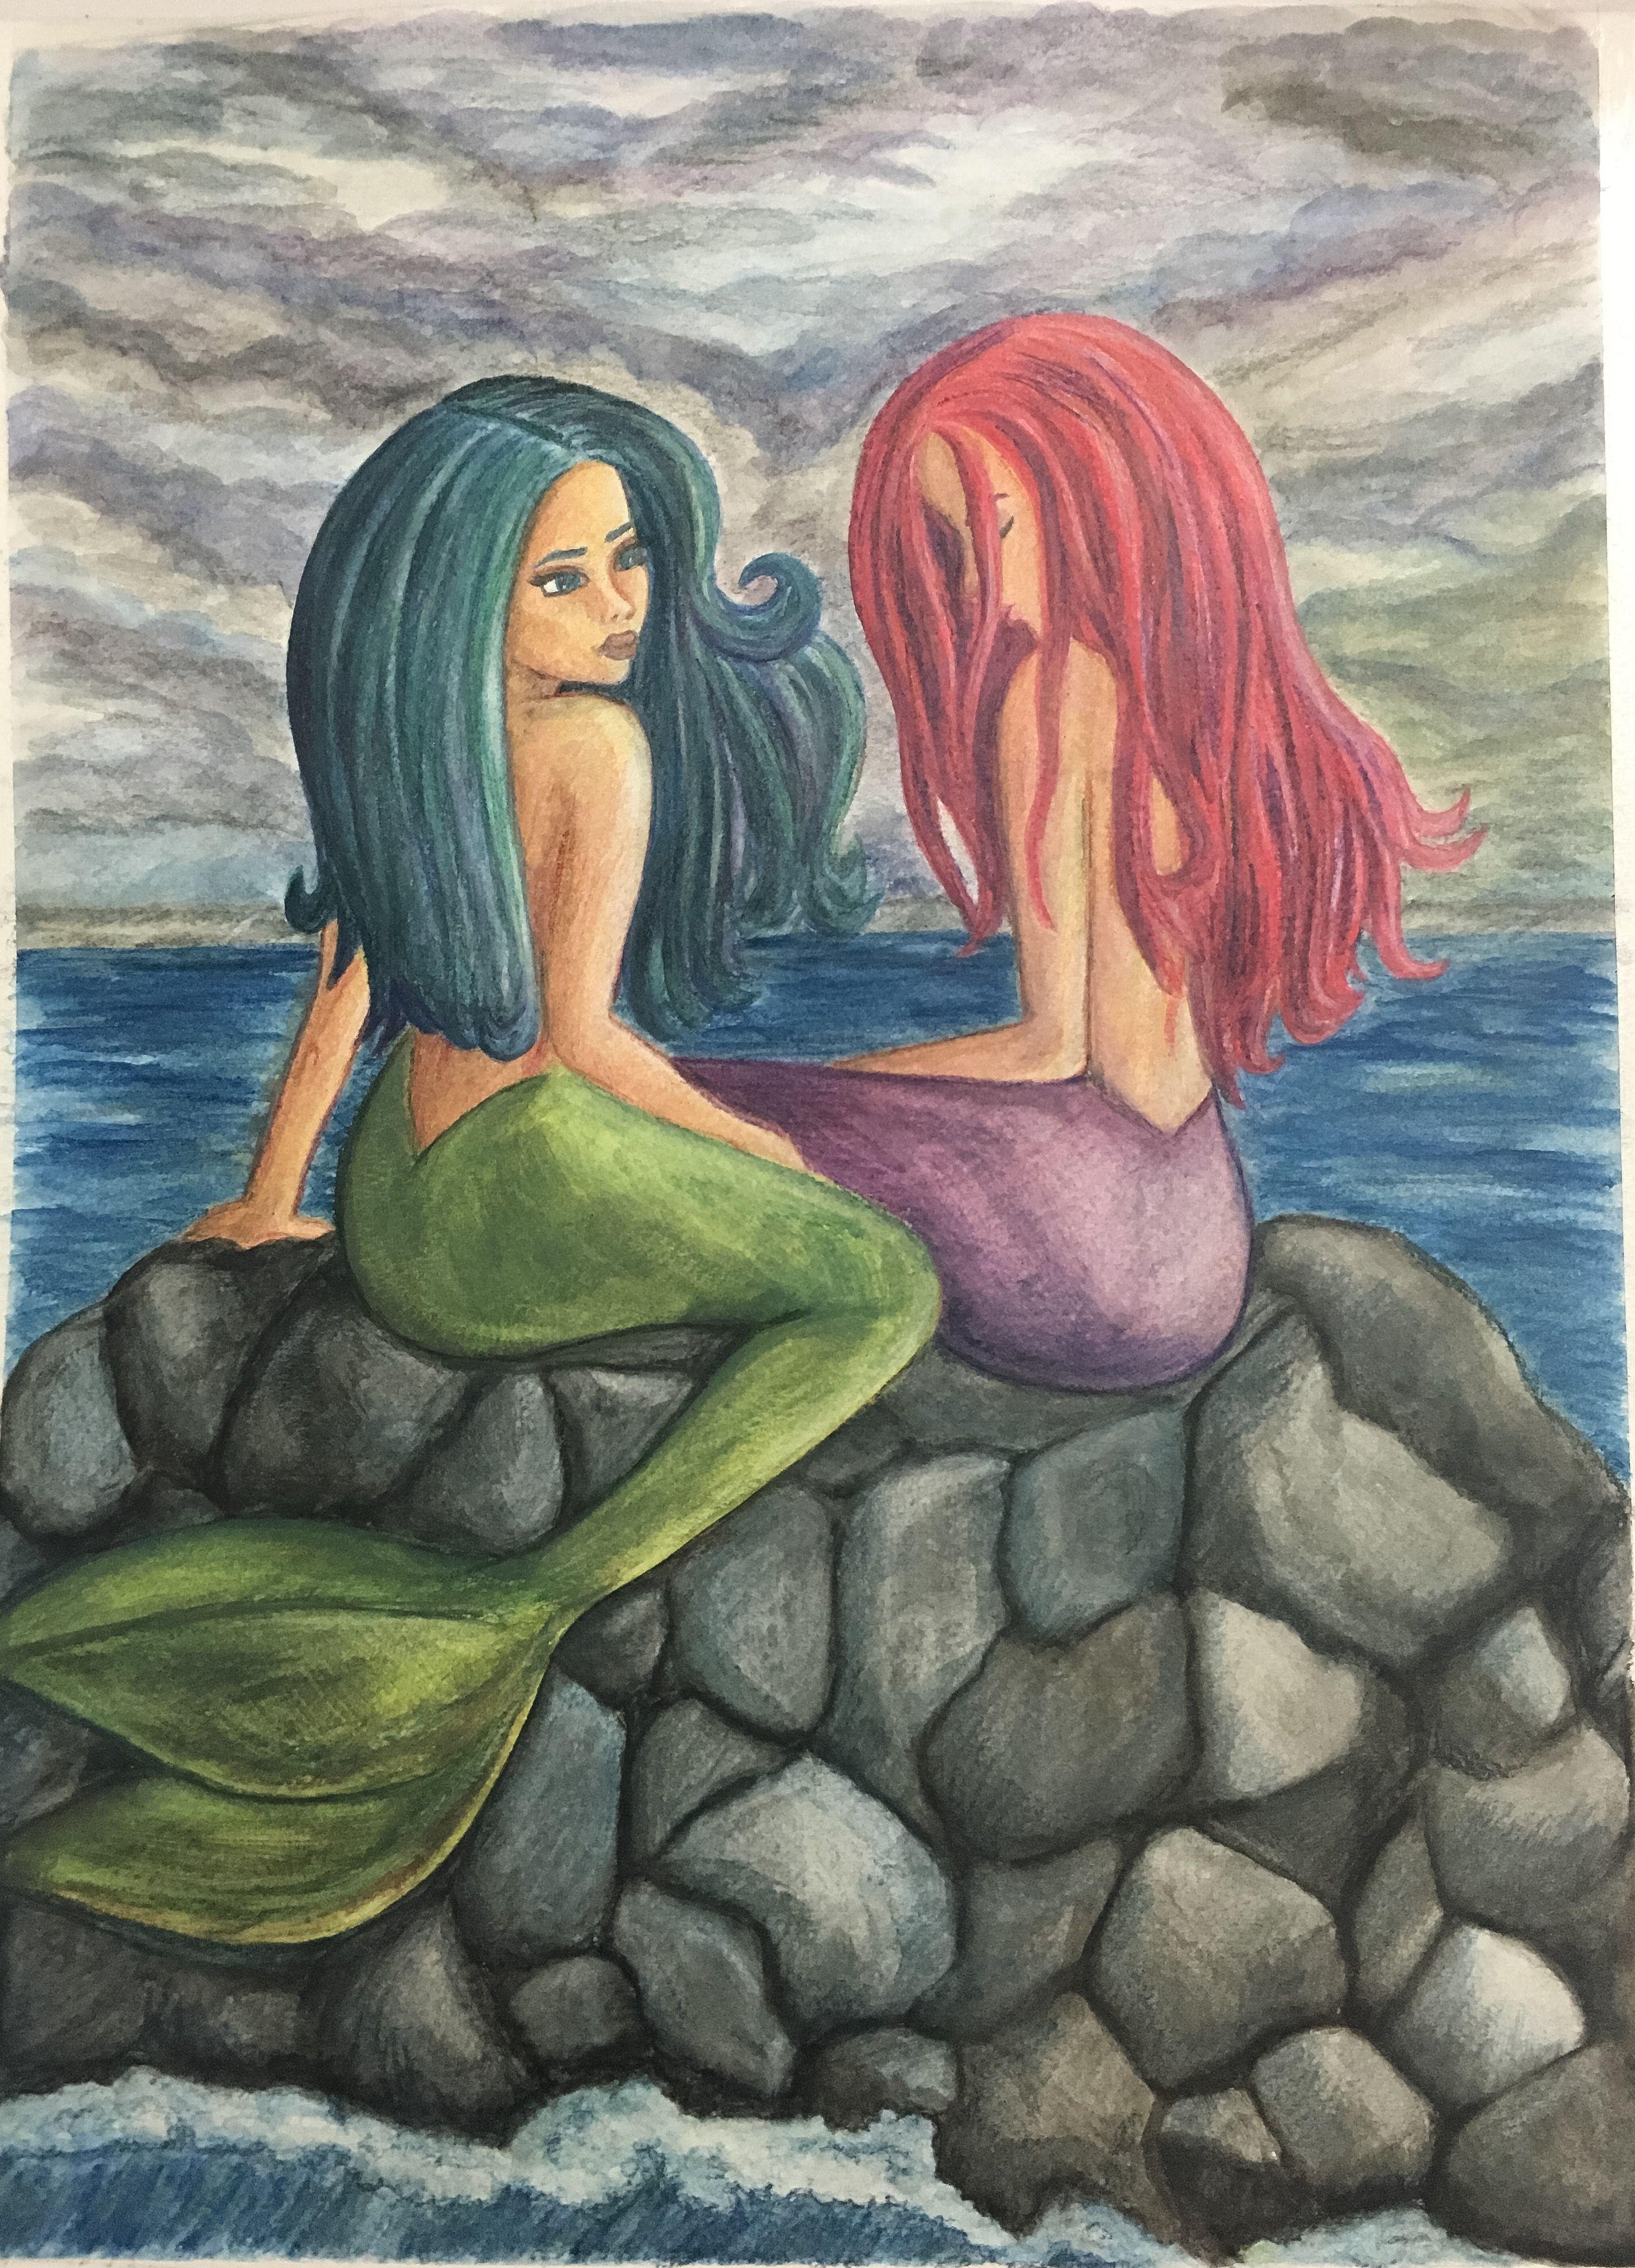 Mermaid painting using watercolor pencils | Mermaid ...